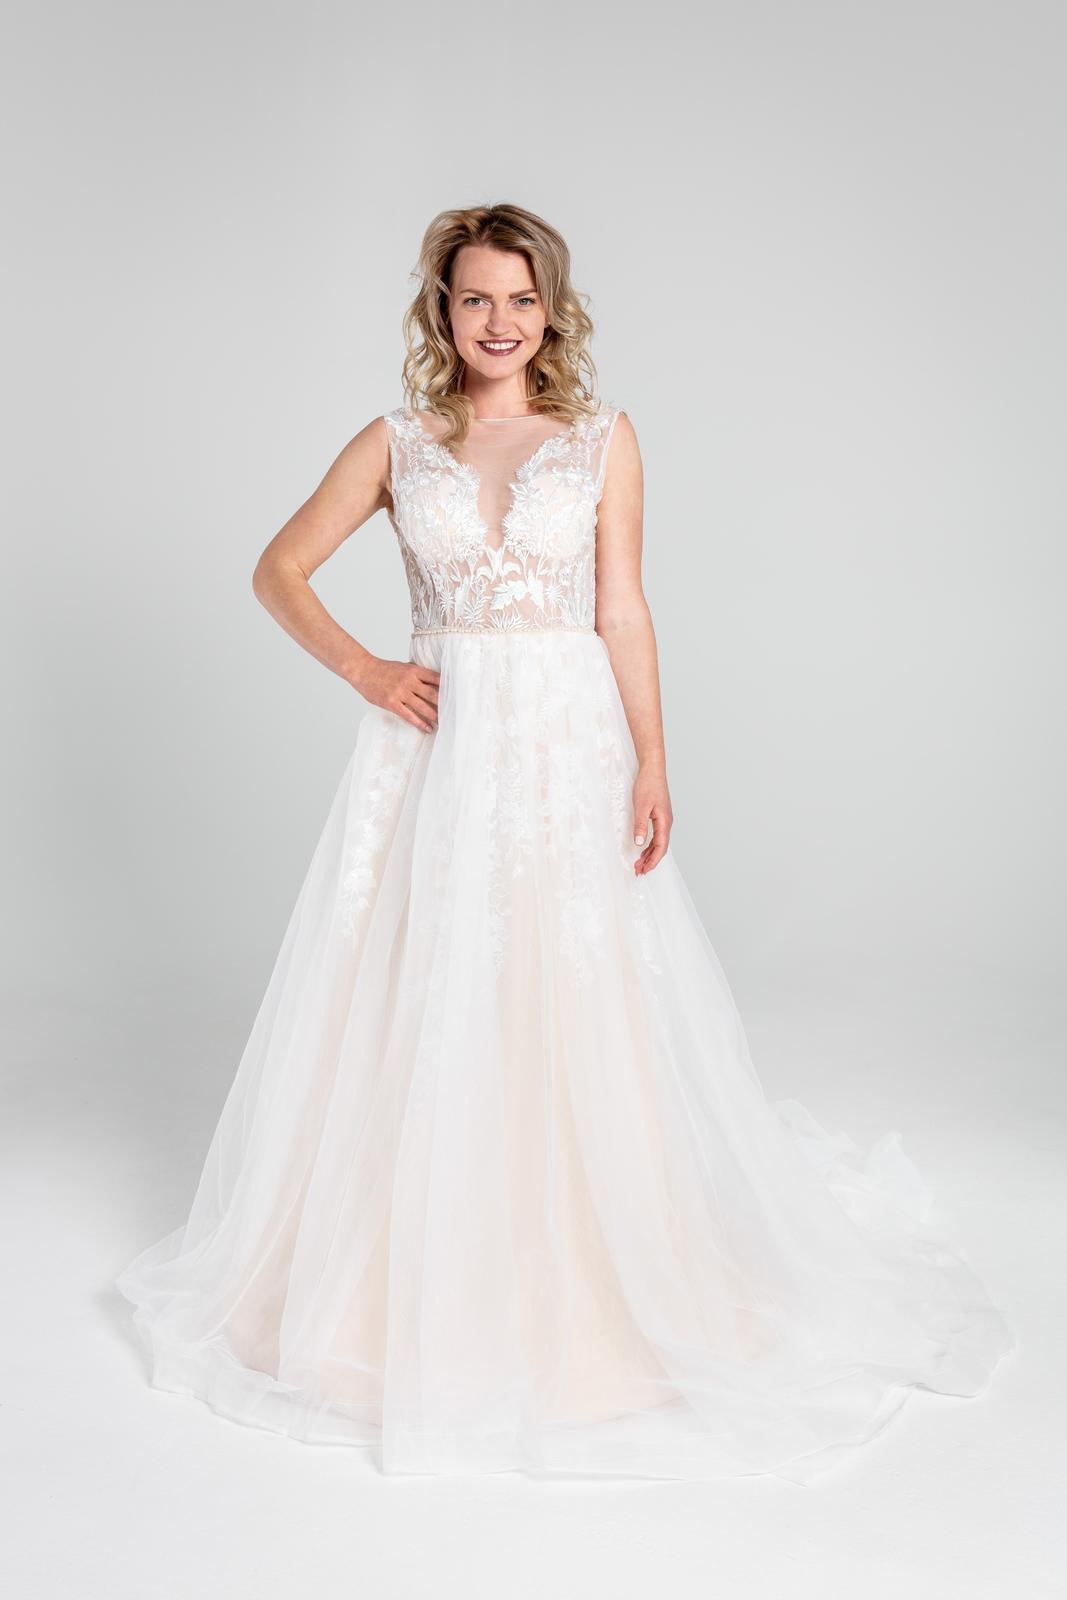 Svatební šaty v boho stylu s tylovou sukní, 36-42 - Obrázek č. 1